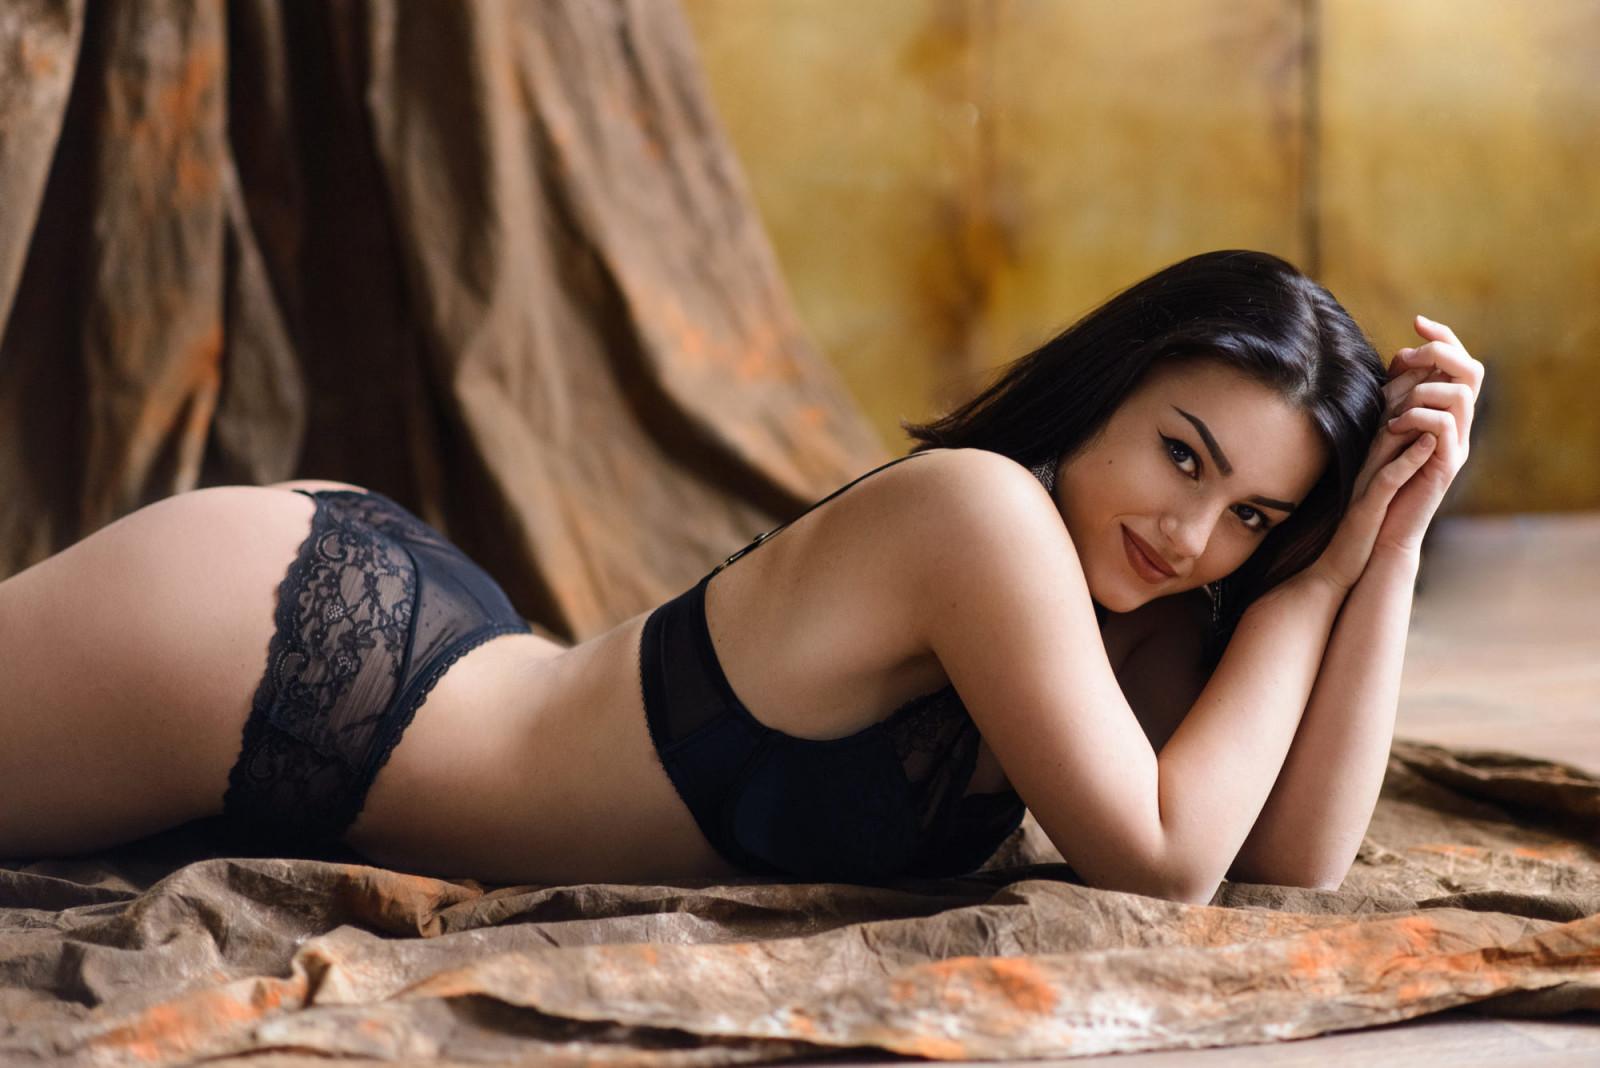 порнографических видео брюнетка в черных стрингах обычный